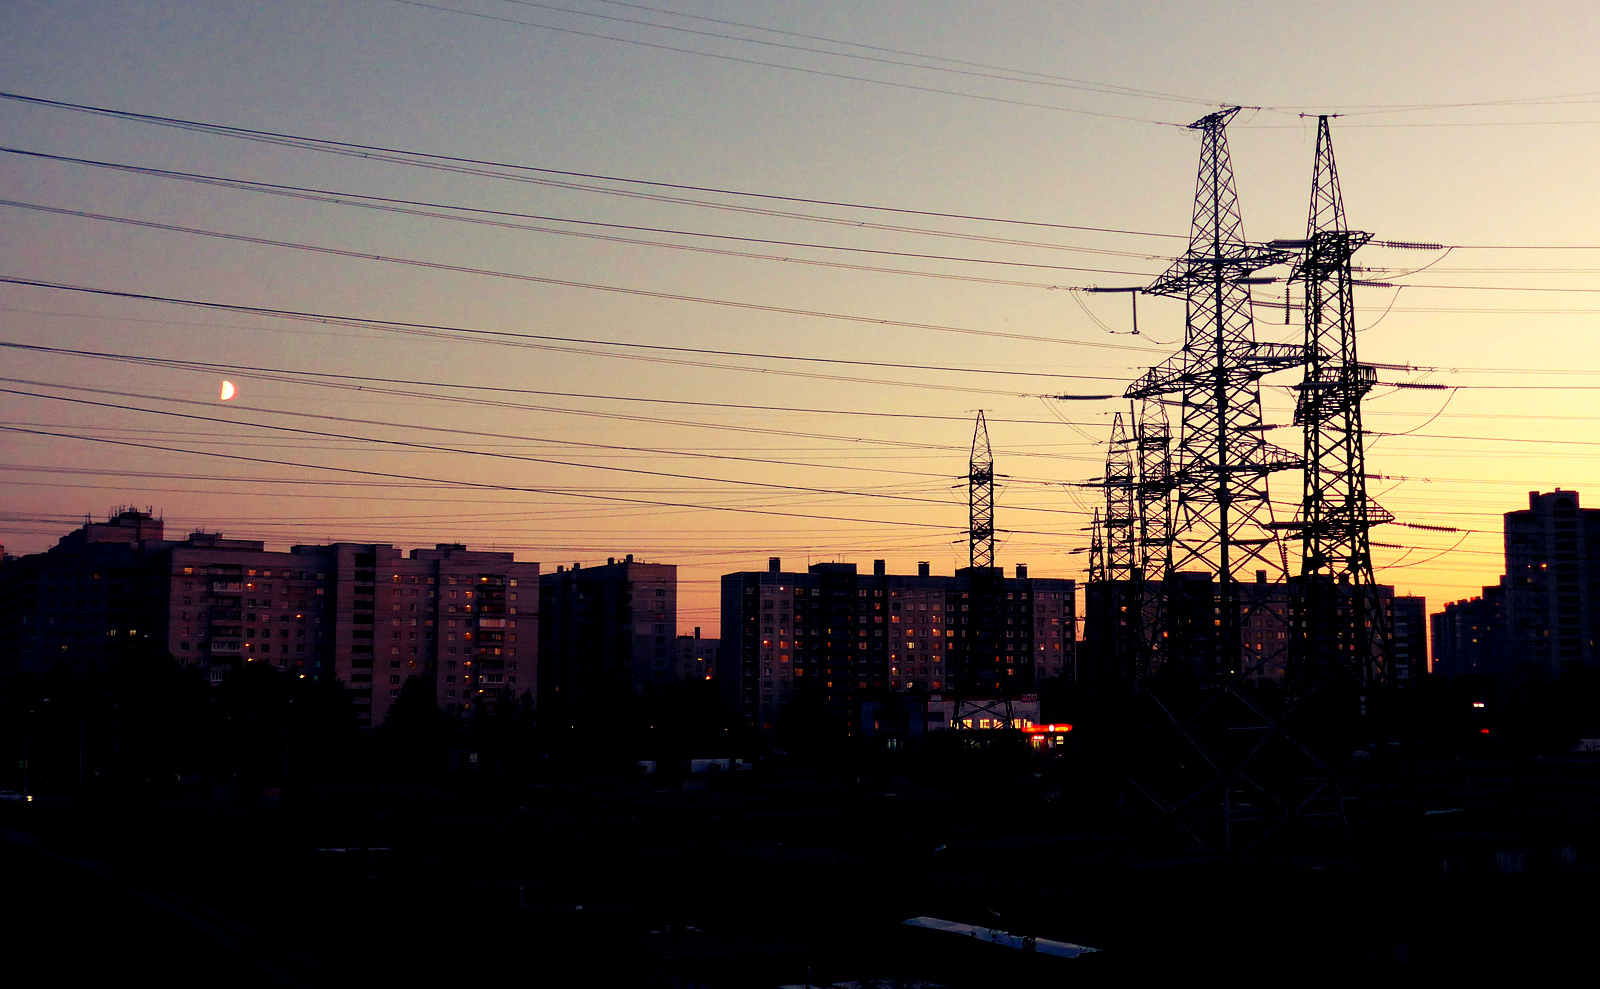 Санкт-Петербург | St Petersburg, 2014.09.02